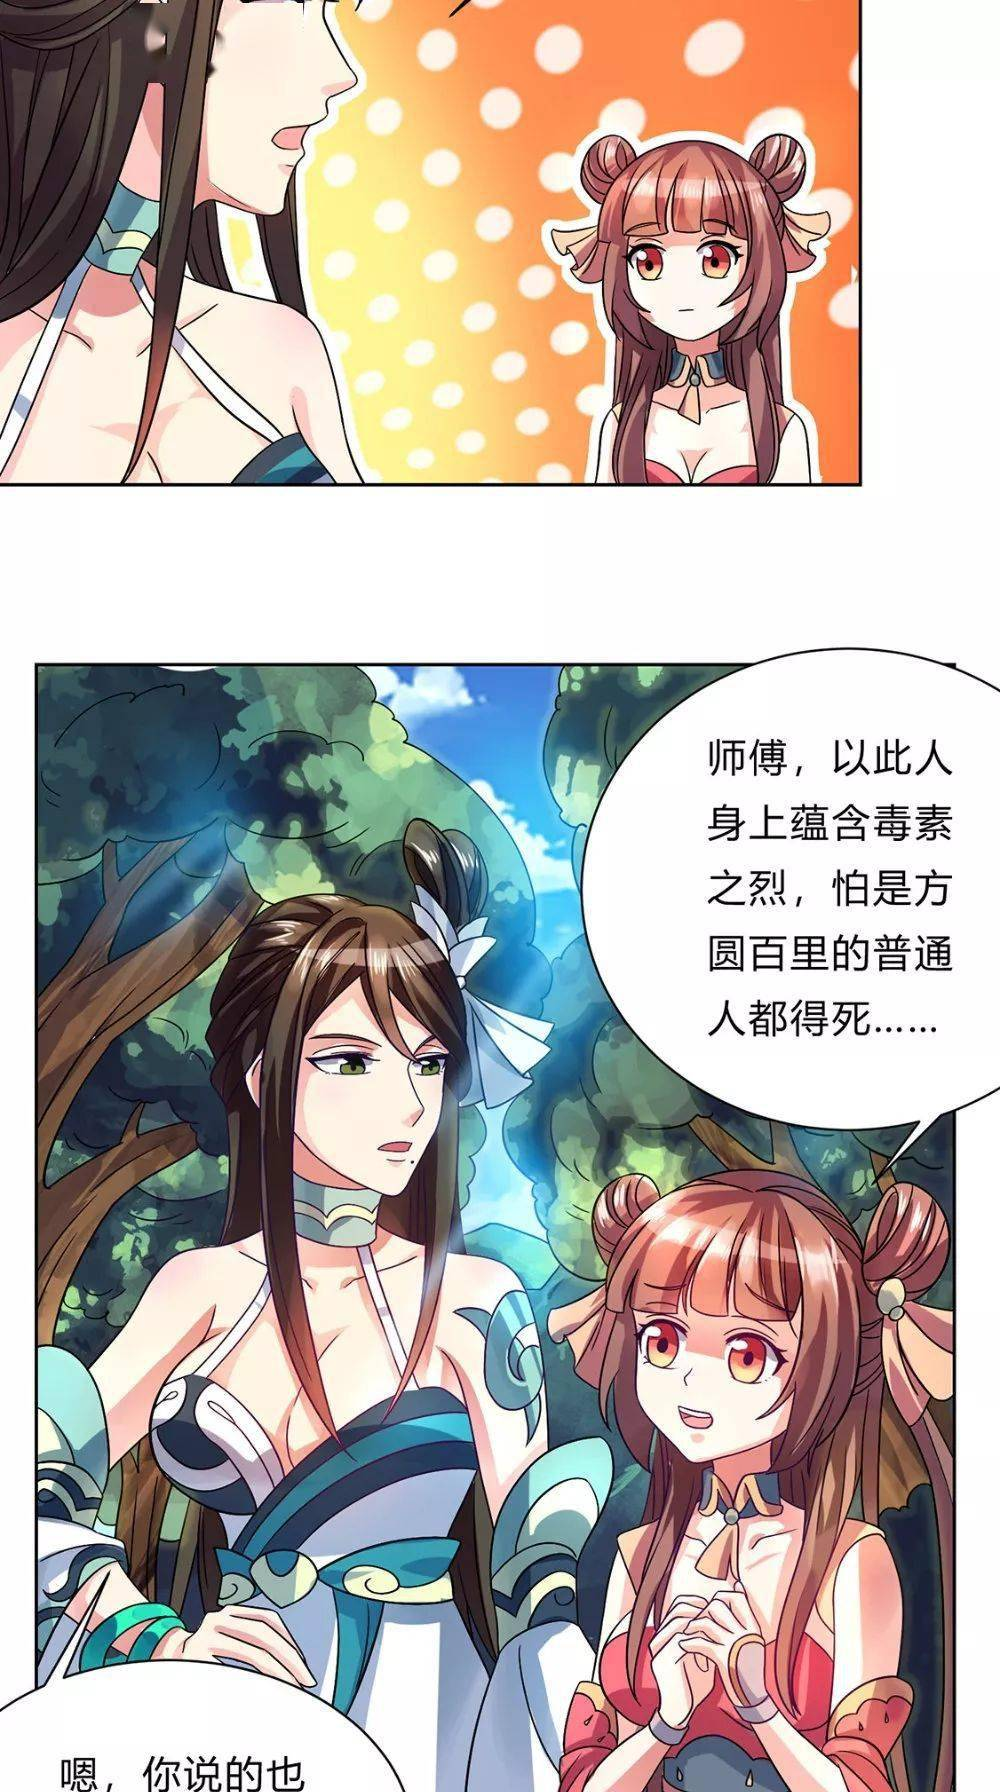 异界董事长_异界少女召唤术图片